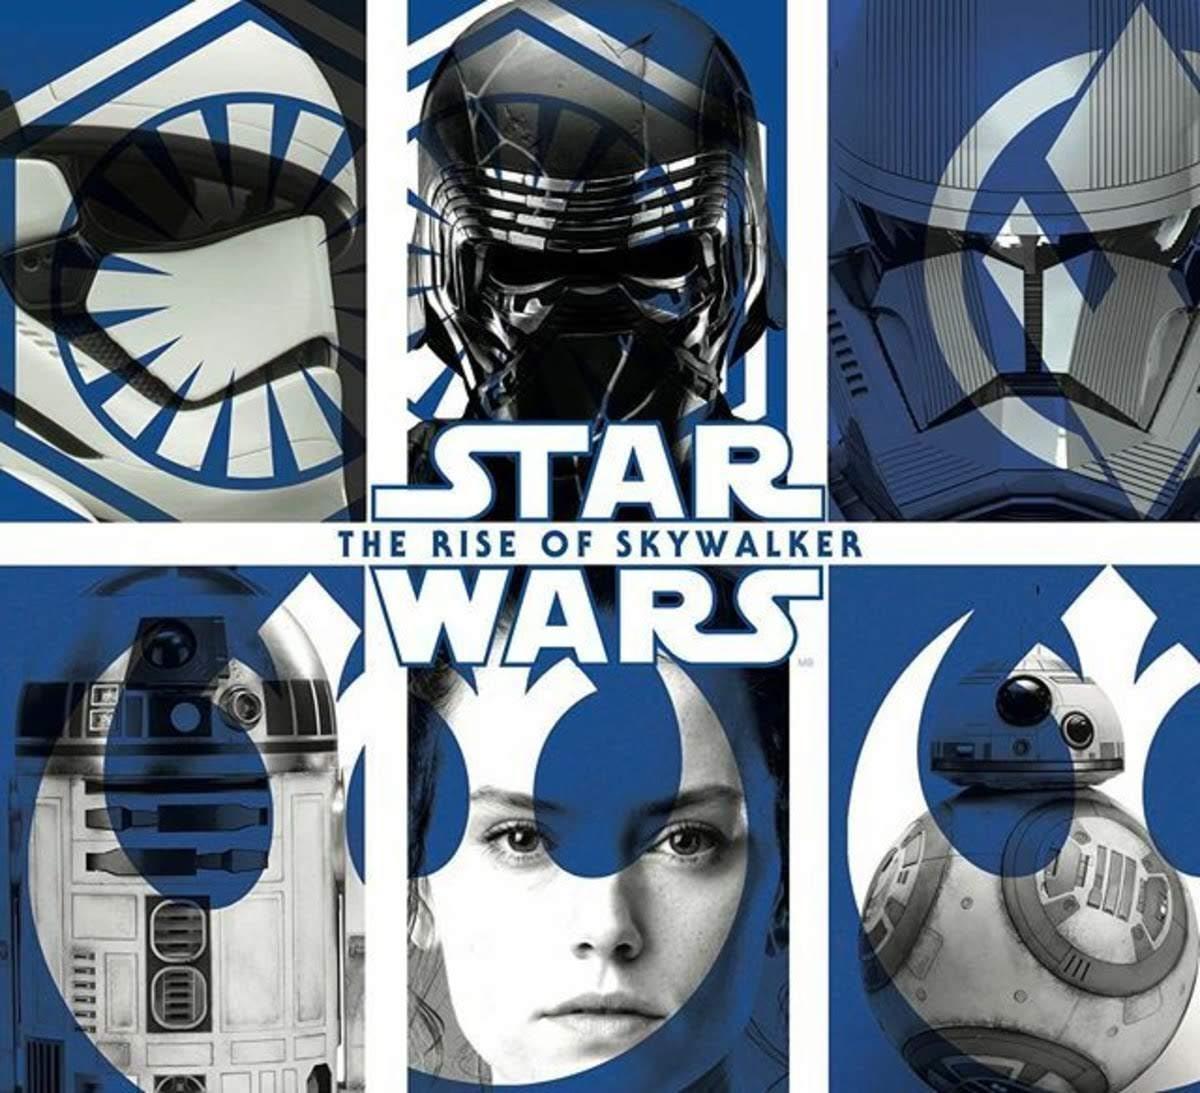 Star Wars :「スター・ウォーズ」のサーガの完結編「ザ・ライズ・オブ・スカイウォーカー」が、プリクエールの「ザ・ファントム・メナス」の名曲「Duel of the Fates」をフィーチャーした新しいTVスポットの CM ! !